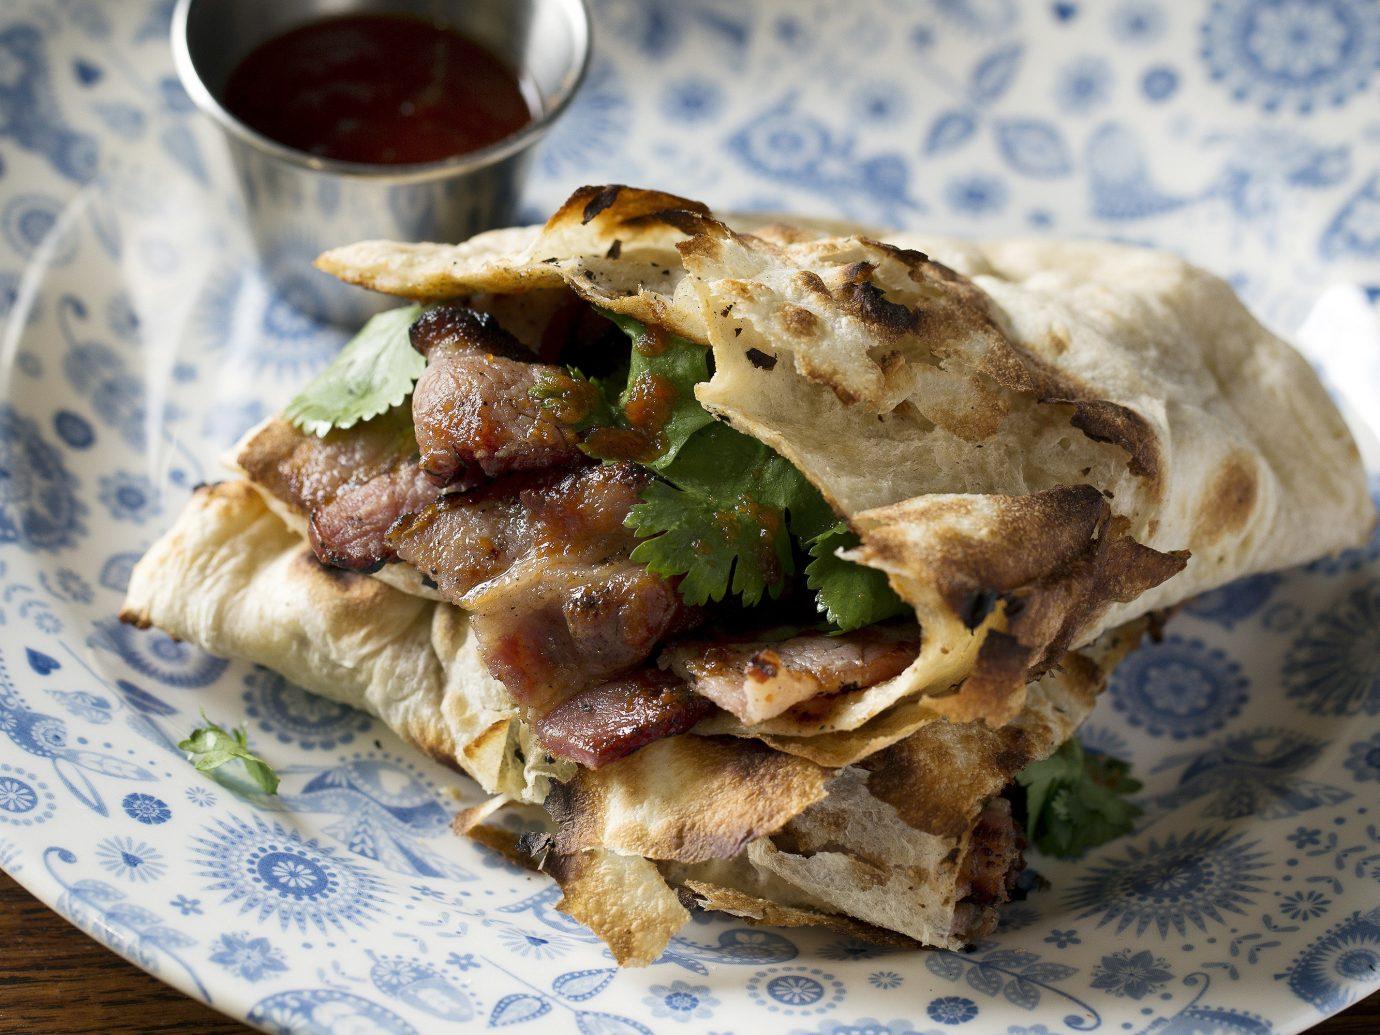 food plate dish cuisine produce meal breakfast vegetable meat flatbread quesadilla